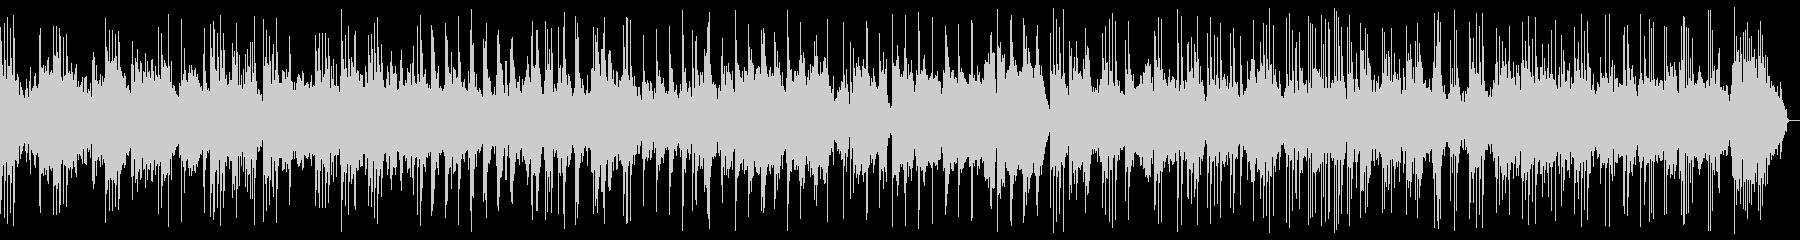 穏やかなピアノバラード_効果音なしの未再生の波形